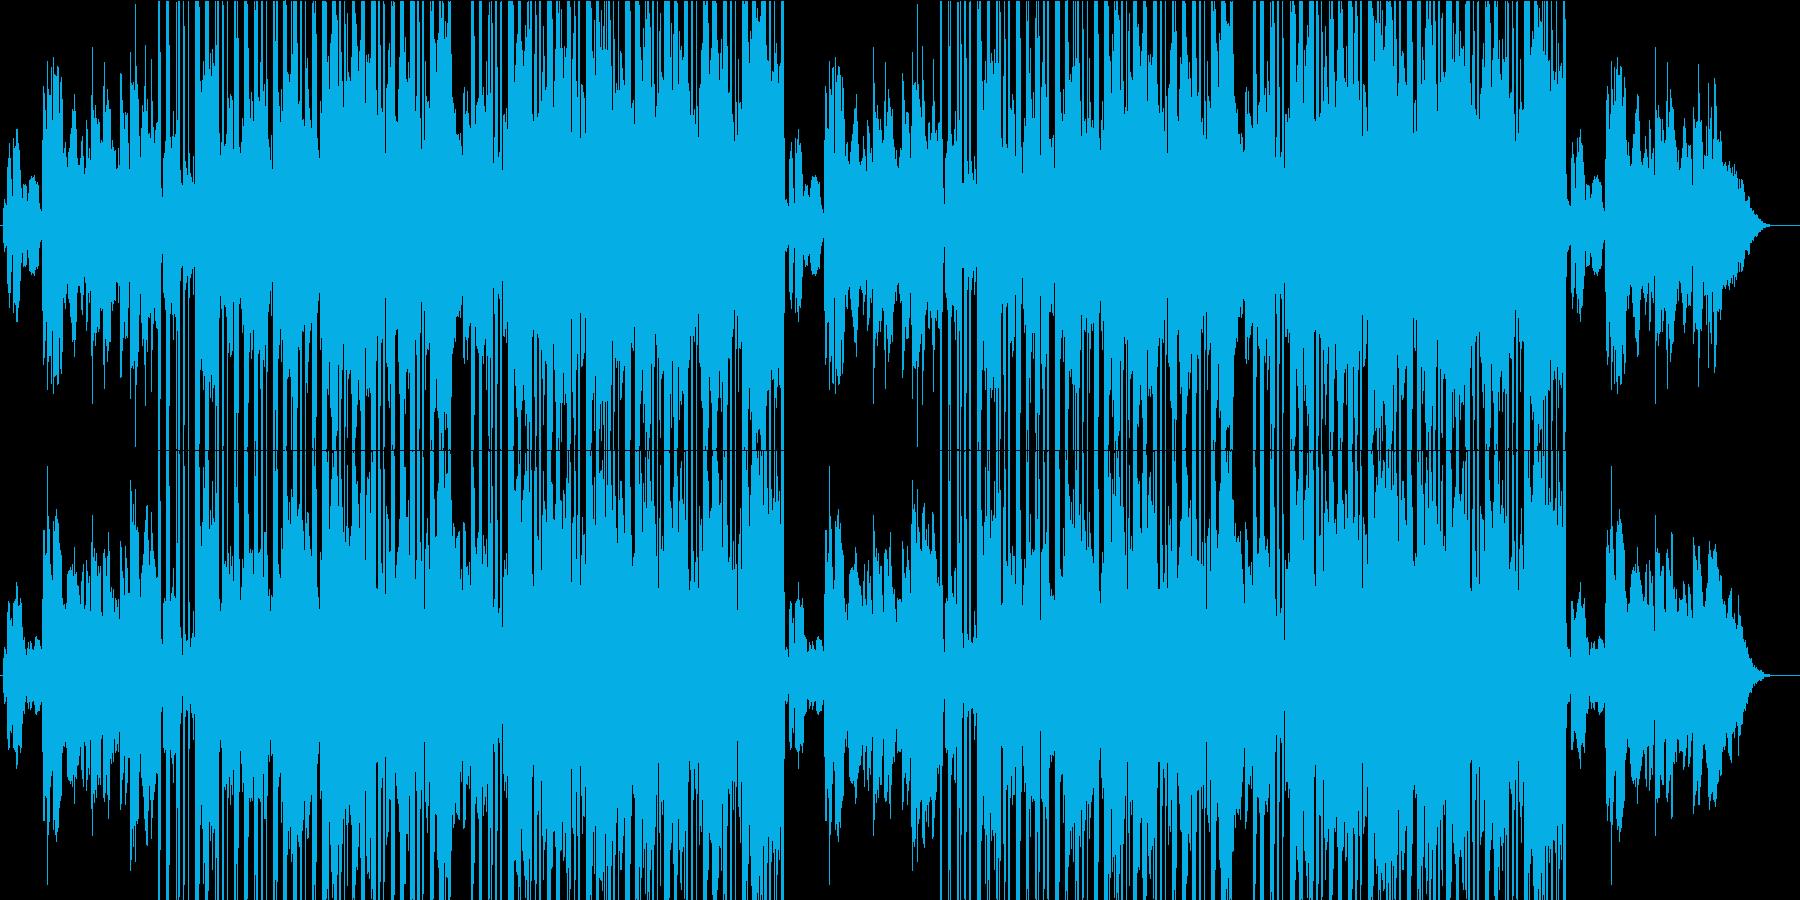 切なく哀愁漂うLO-FI HIPHOPの再生済みの波形